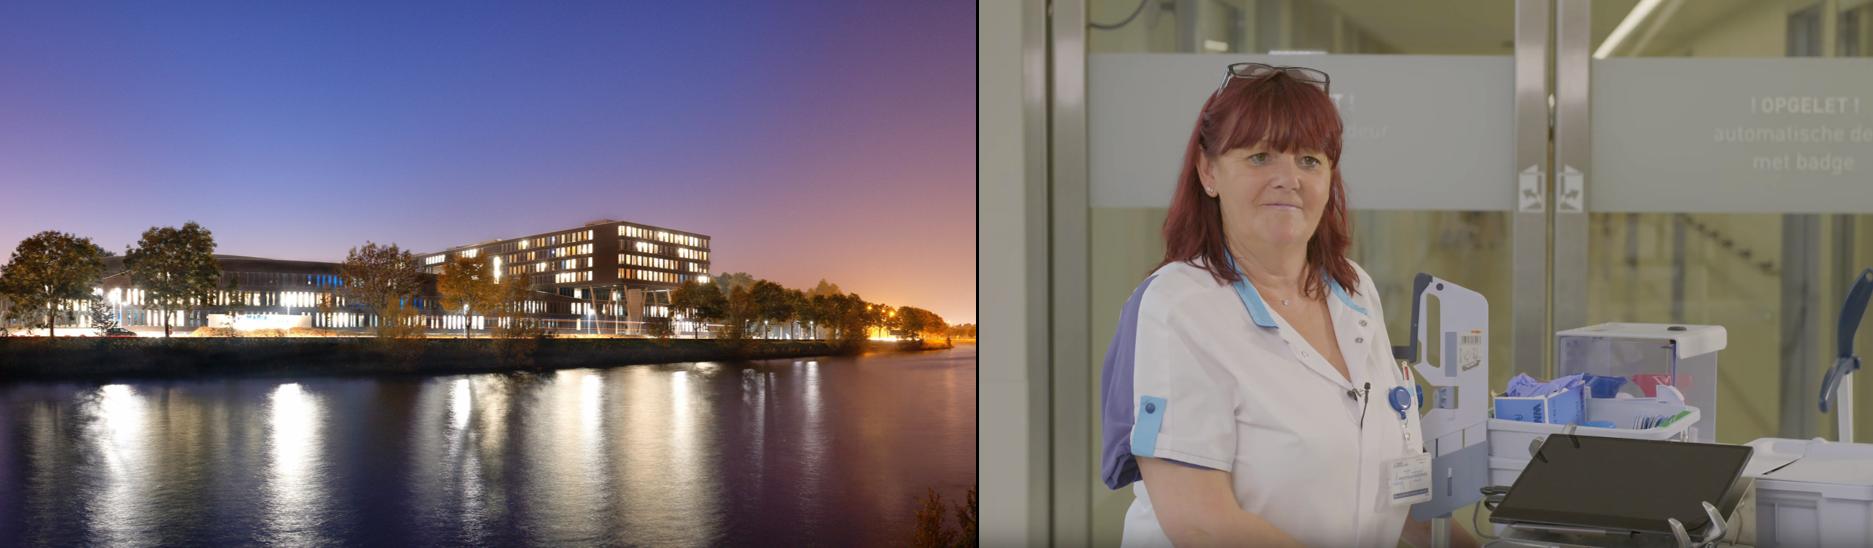 Beeld van verpleegster en ziekenhuis